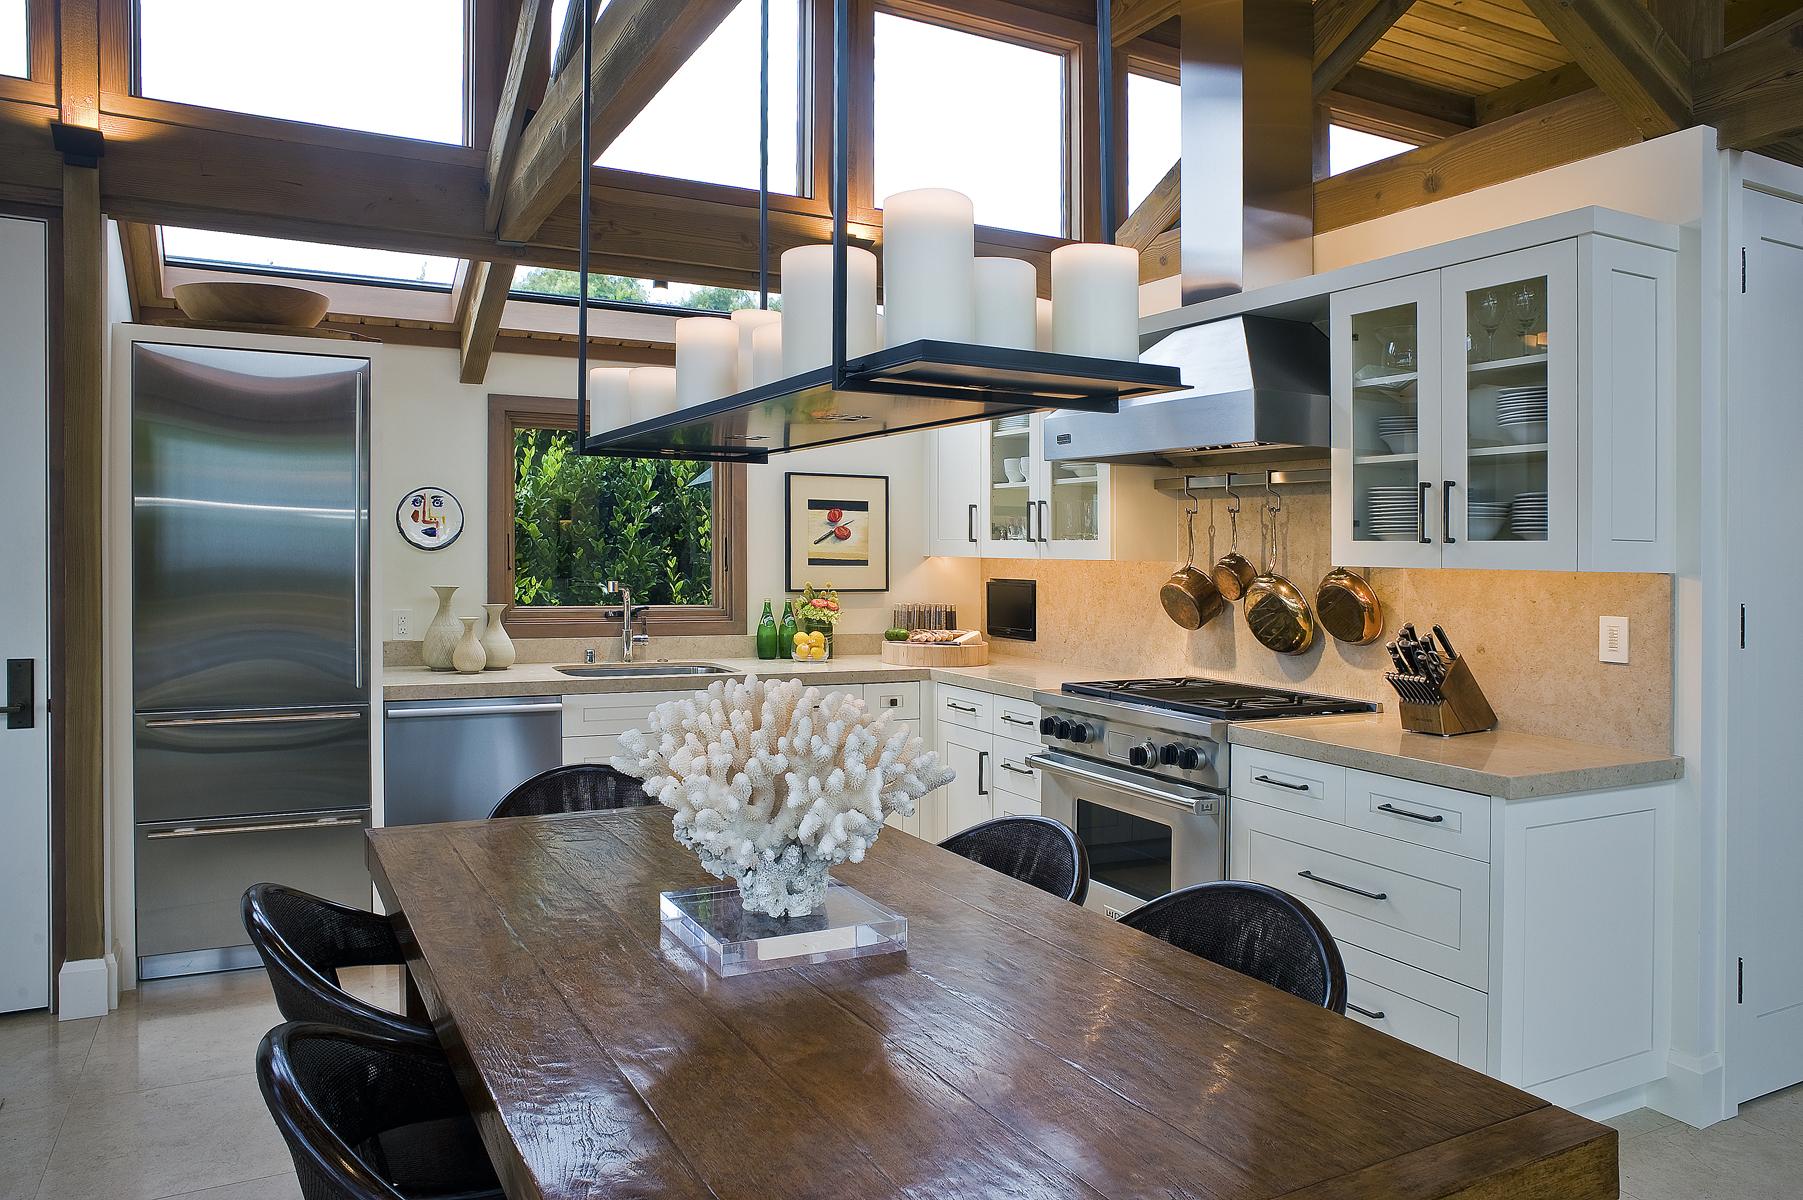 Kitchen DSC_9822-1.jpg